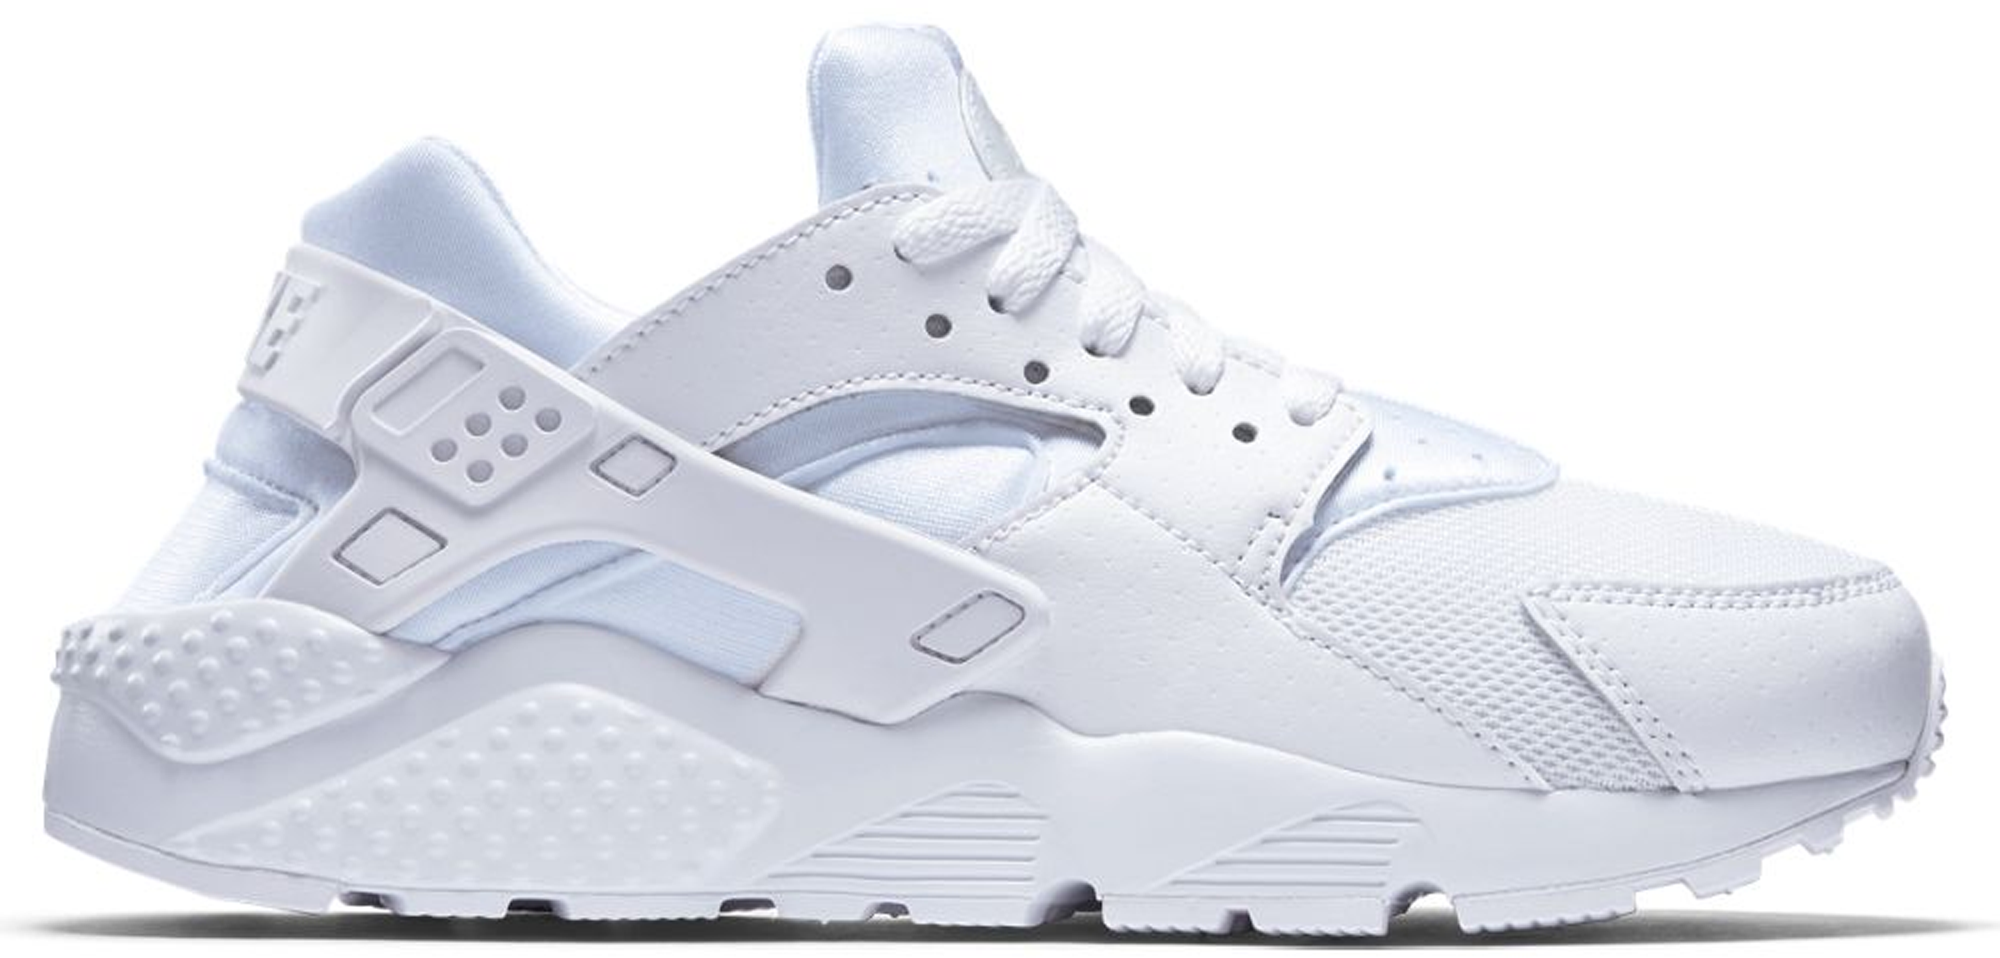 Nike Air Huarache Run White Pure